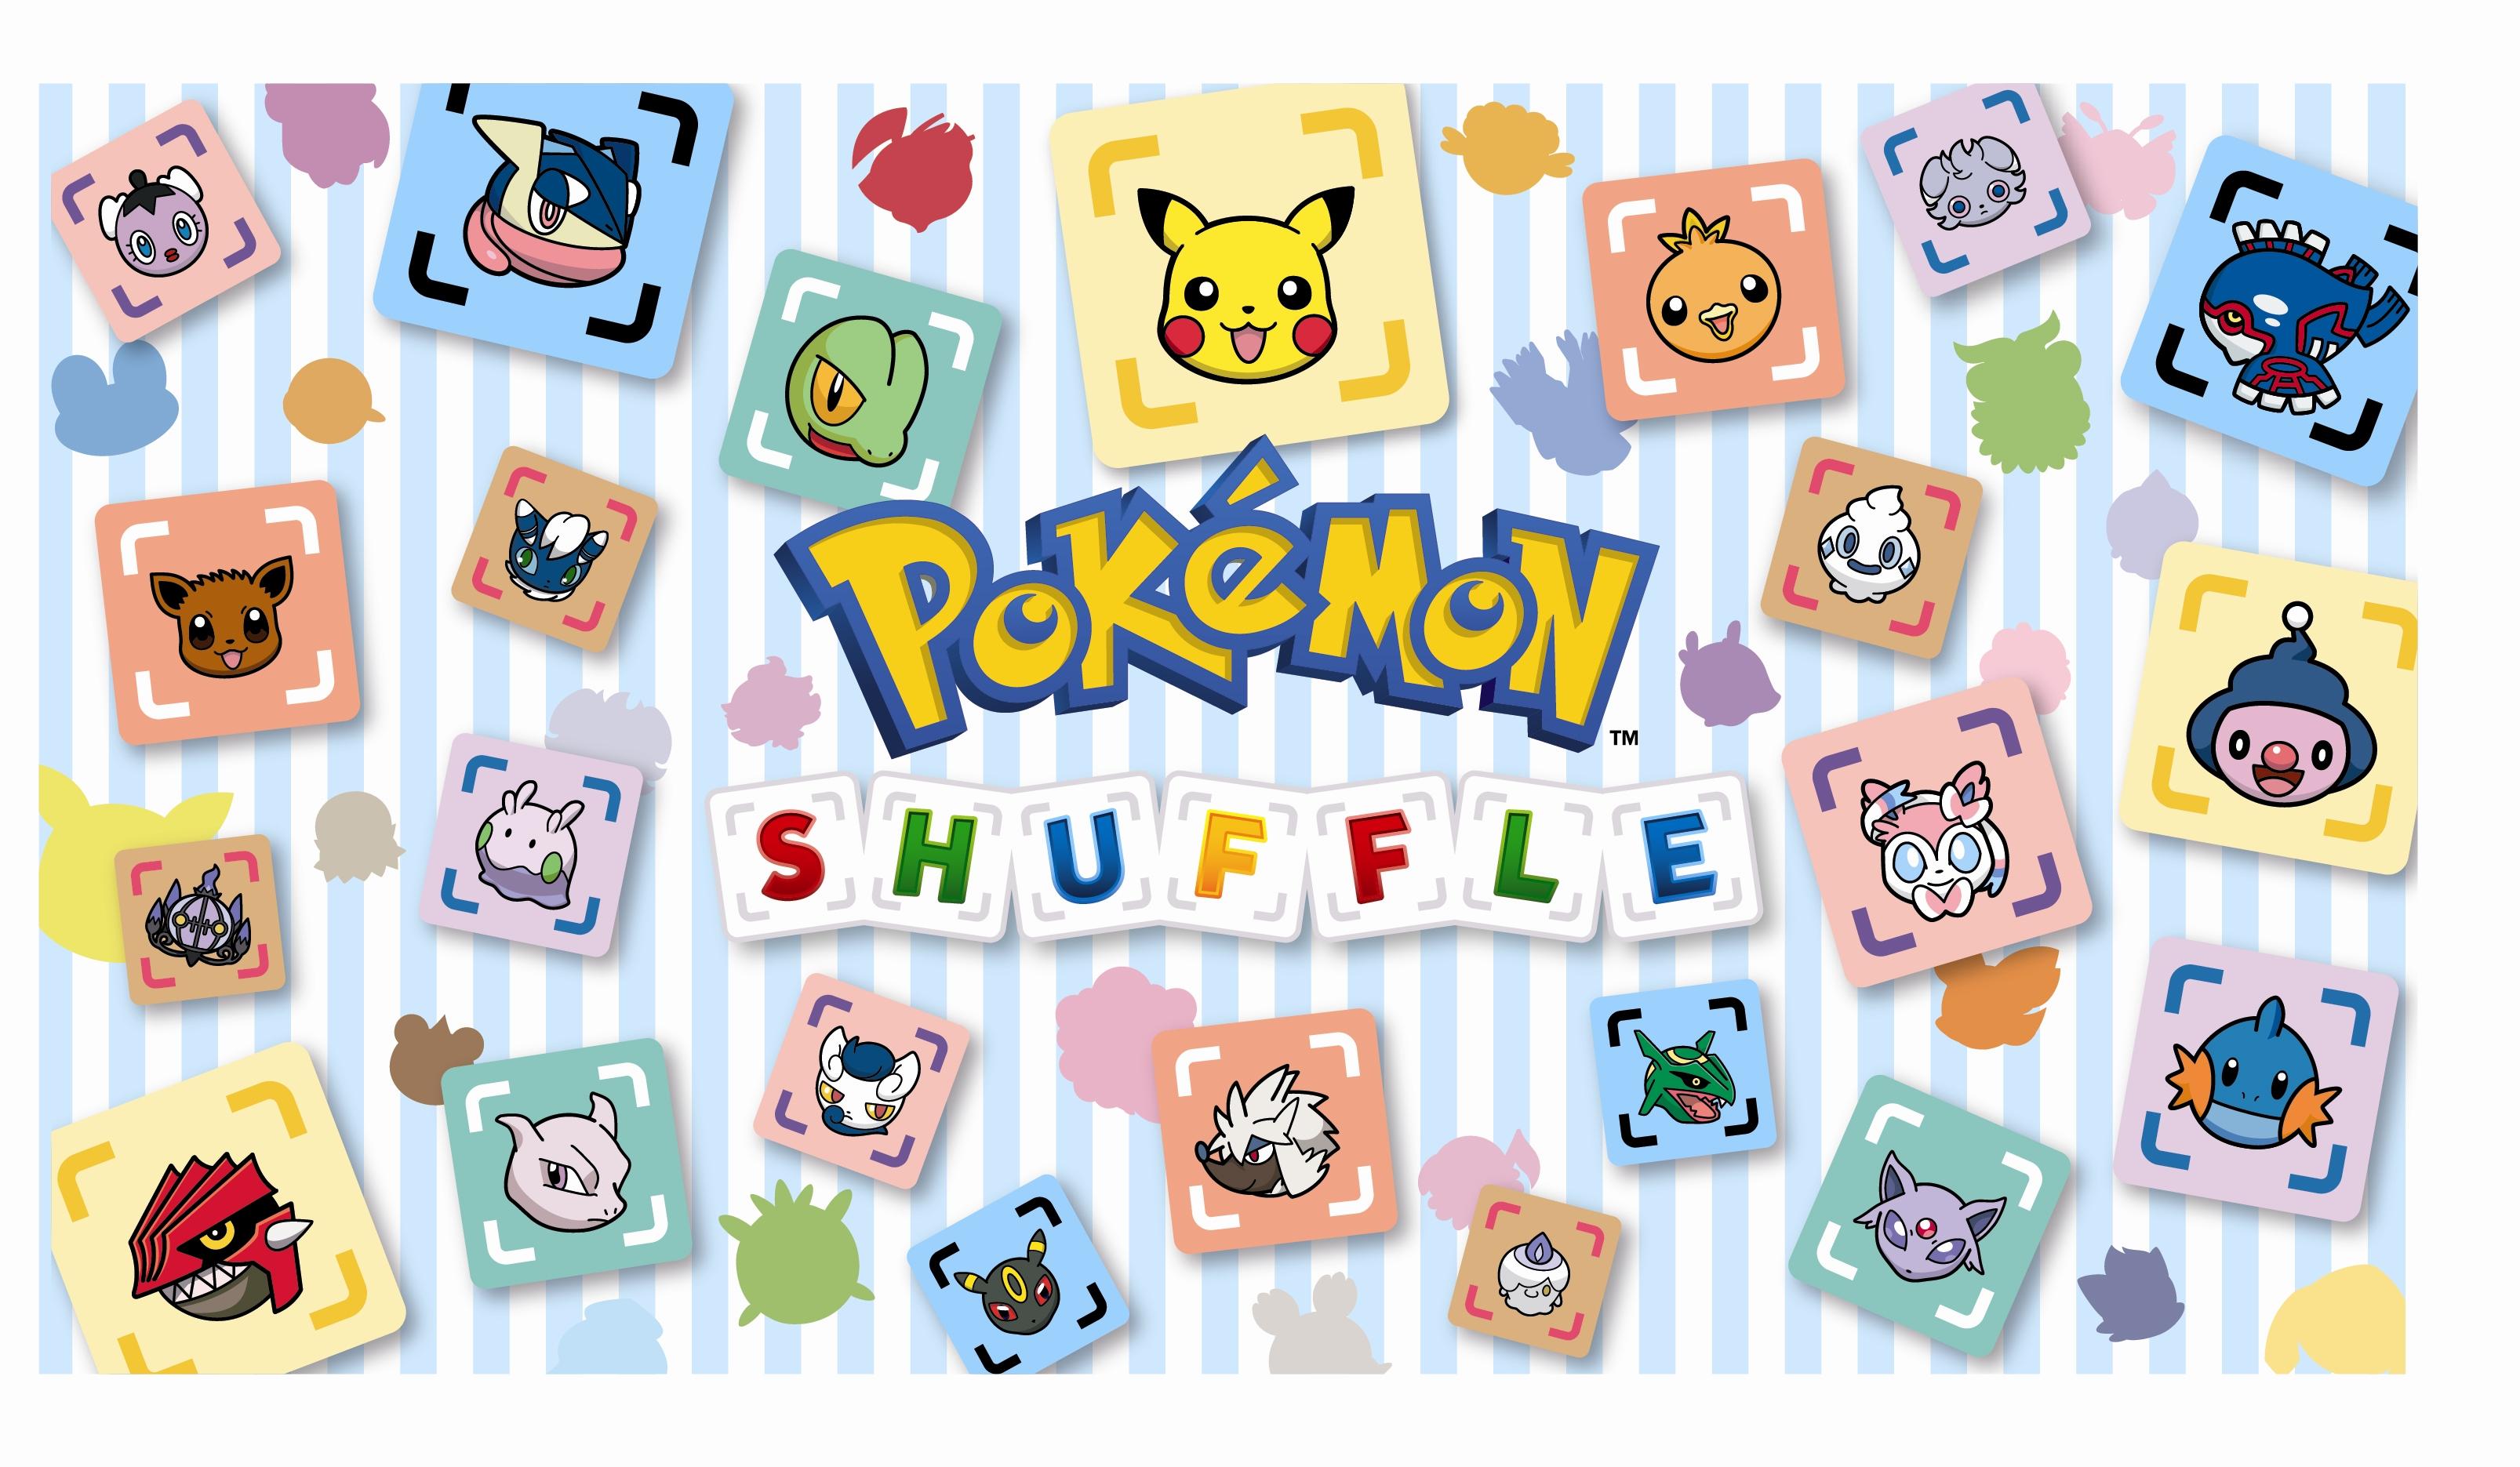 Pokémon <strong>shuffle</strong>